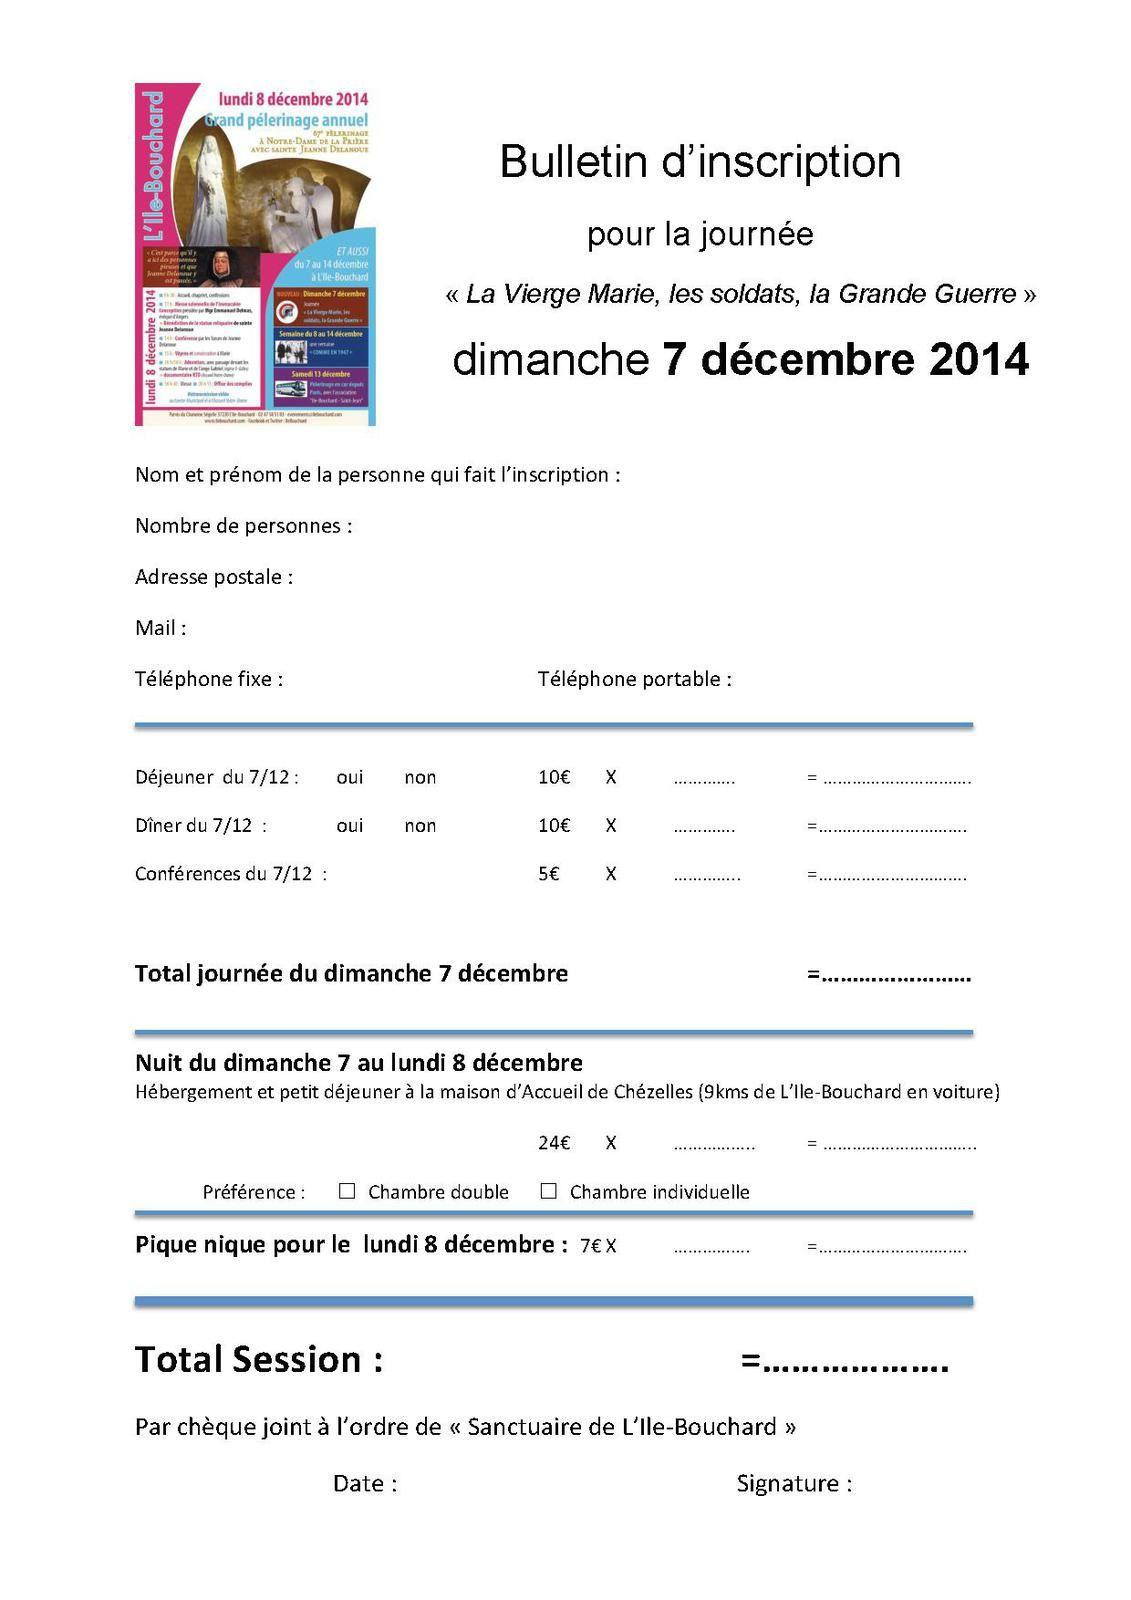 Dimanche 7 décembre 2014 à L'Ile-Bouchard Journée « La Vierge Marie, les soldats, la Grande Guerre »